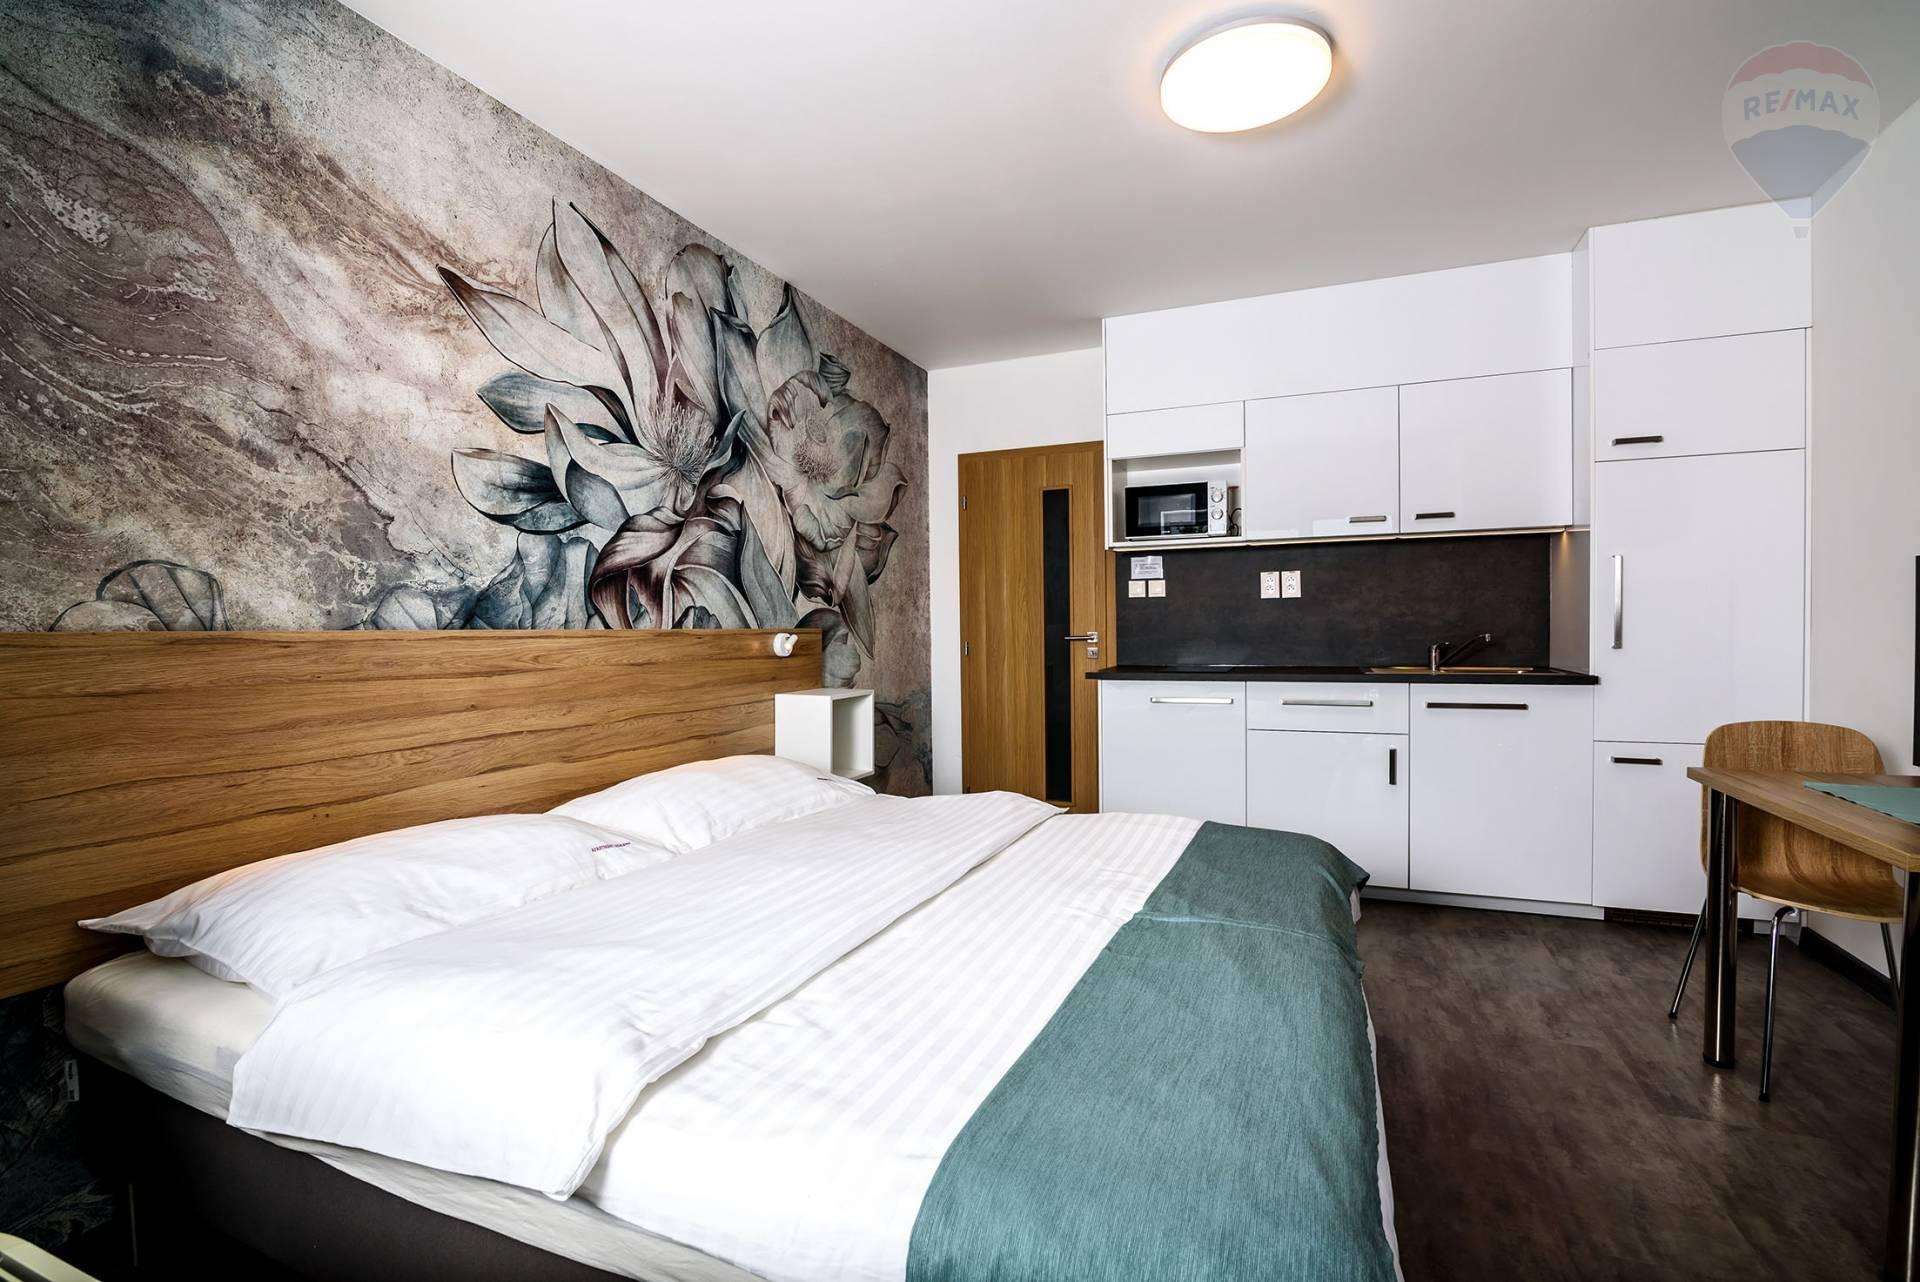 Na predaj 1 izbový byt, 25 m2, terasa, vlastné parkovisko, Veľký Meder